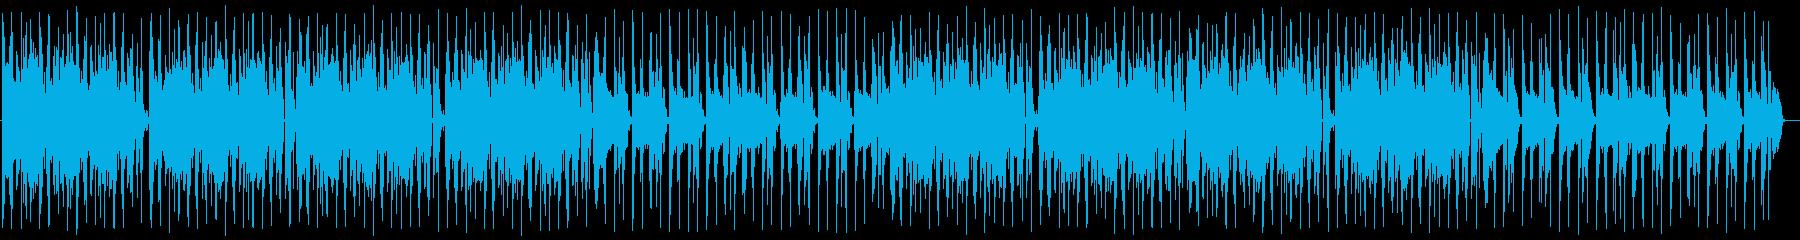 怪しい/生演奏/R&B_No540_2の再生済みの波形